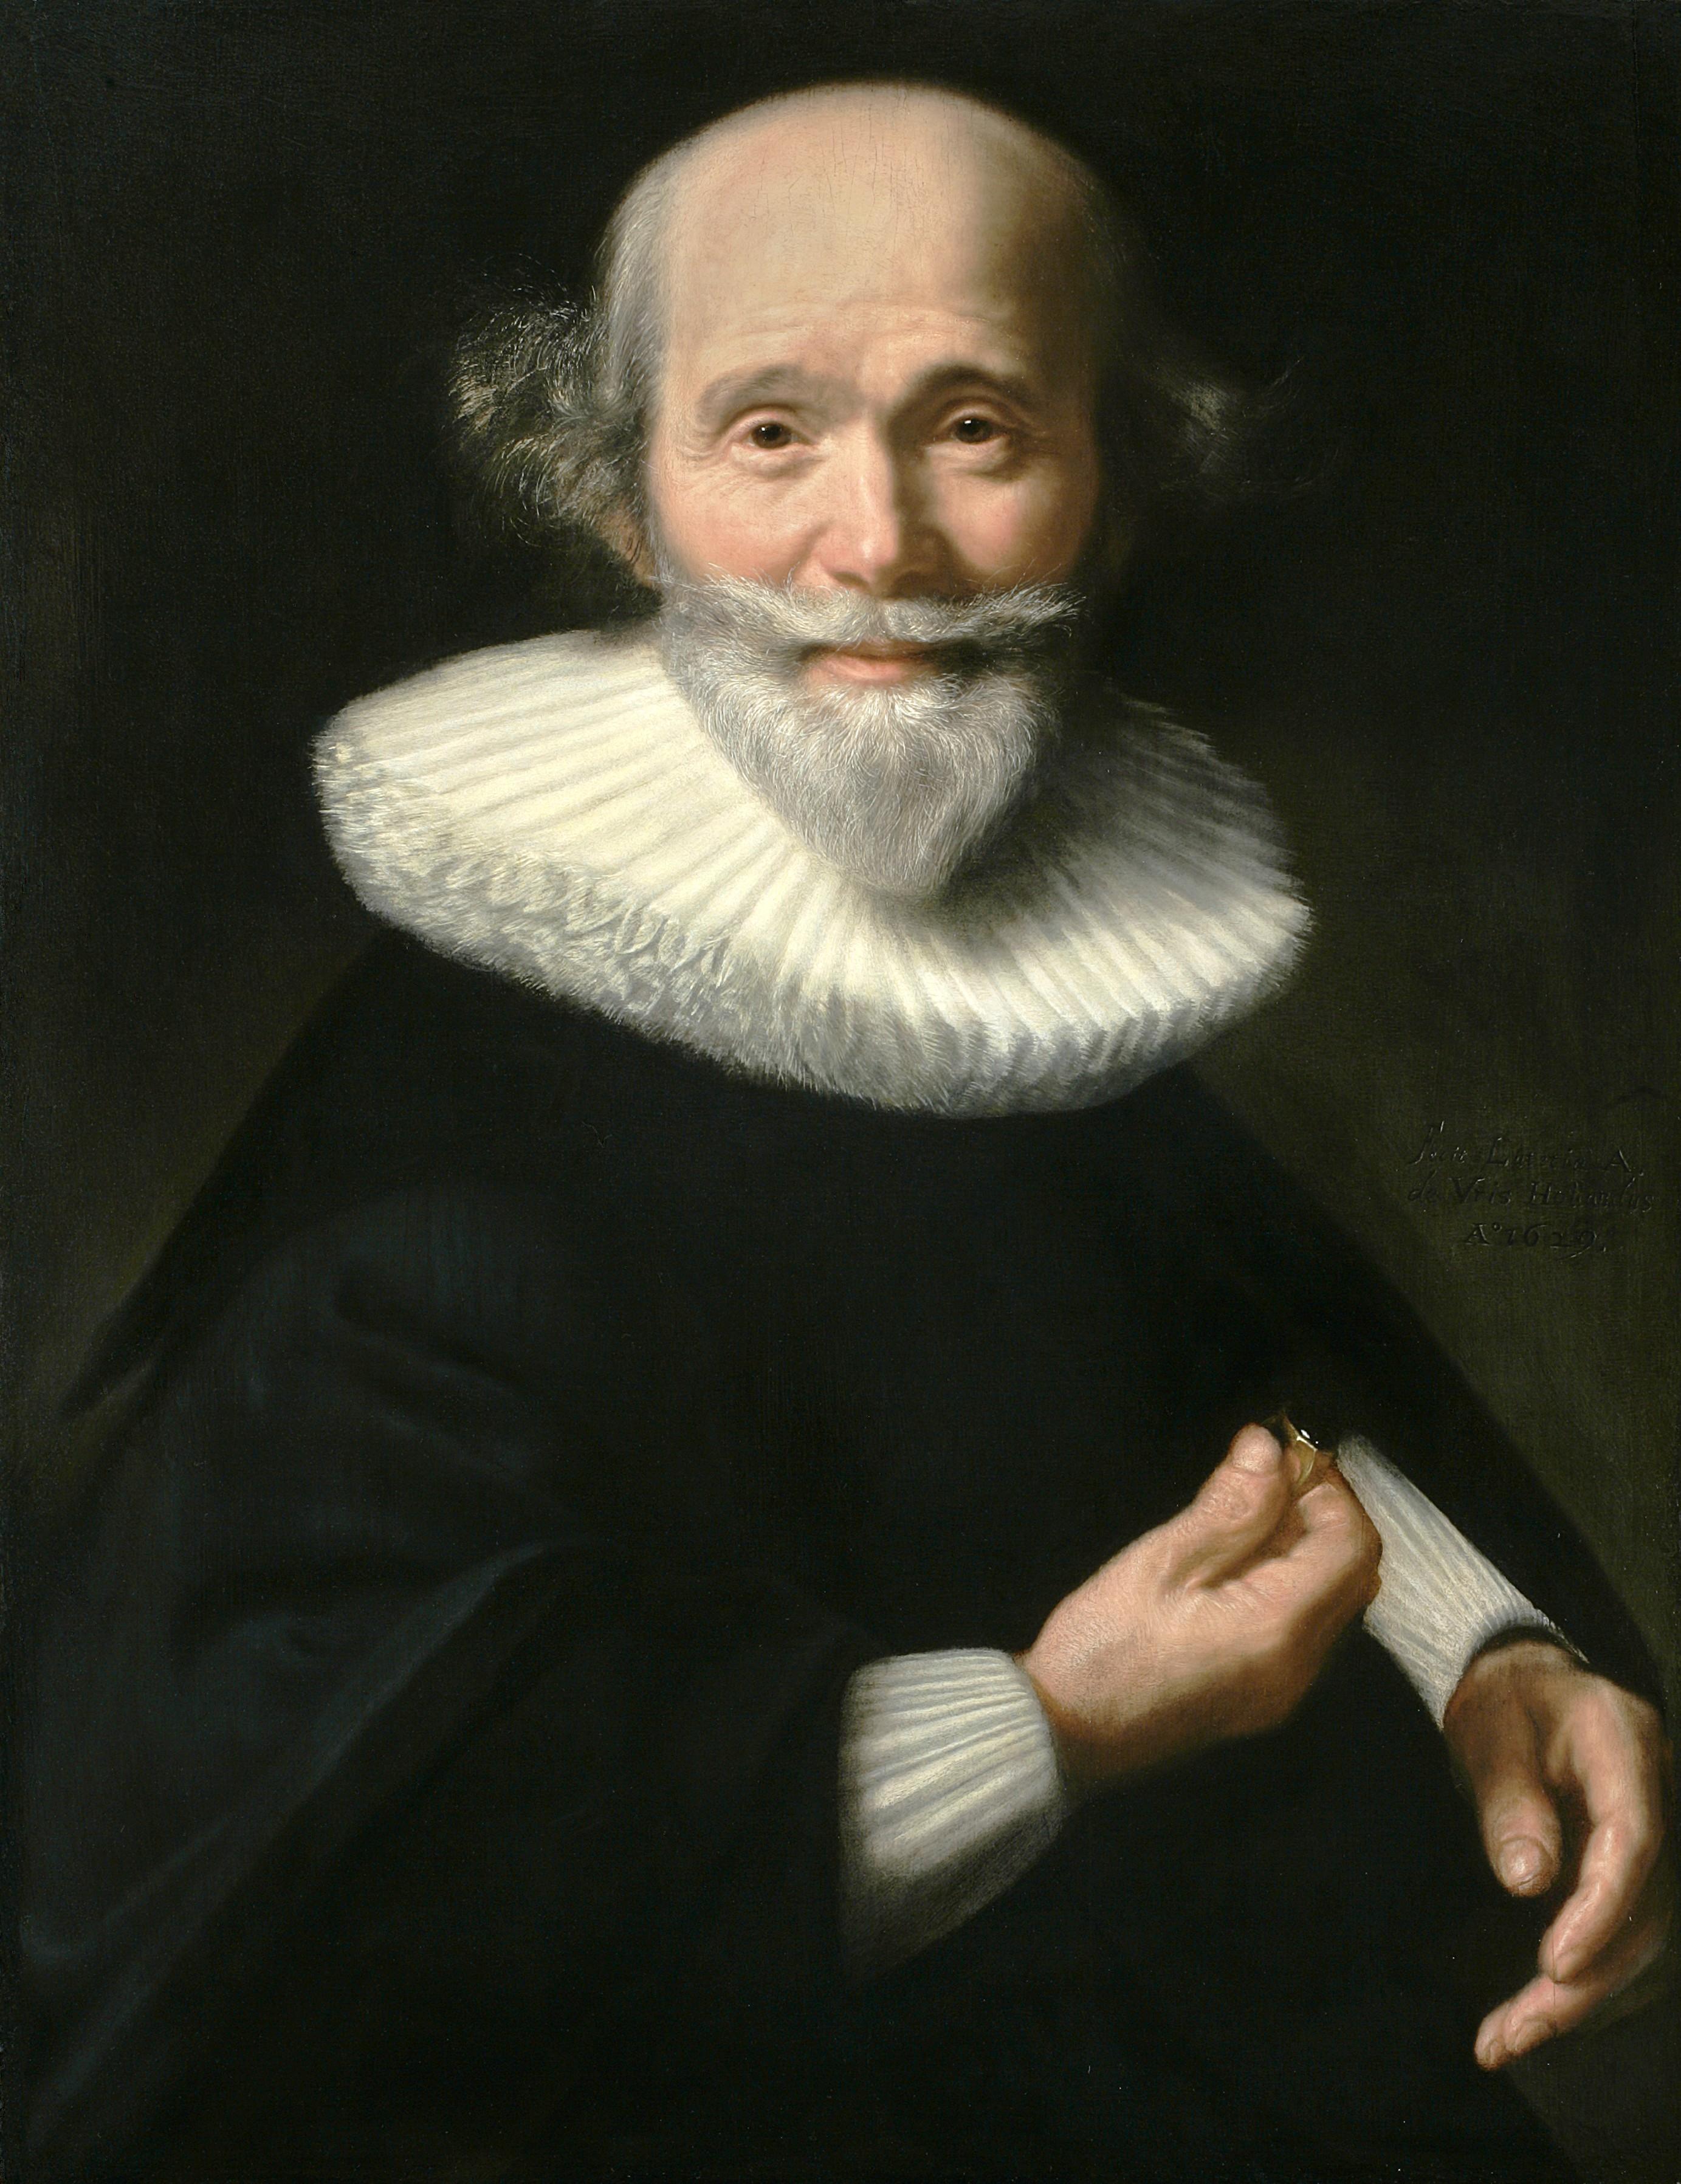 Abraham de Vries - Portrait of a man - PPP04980